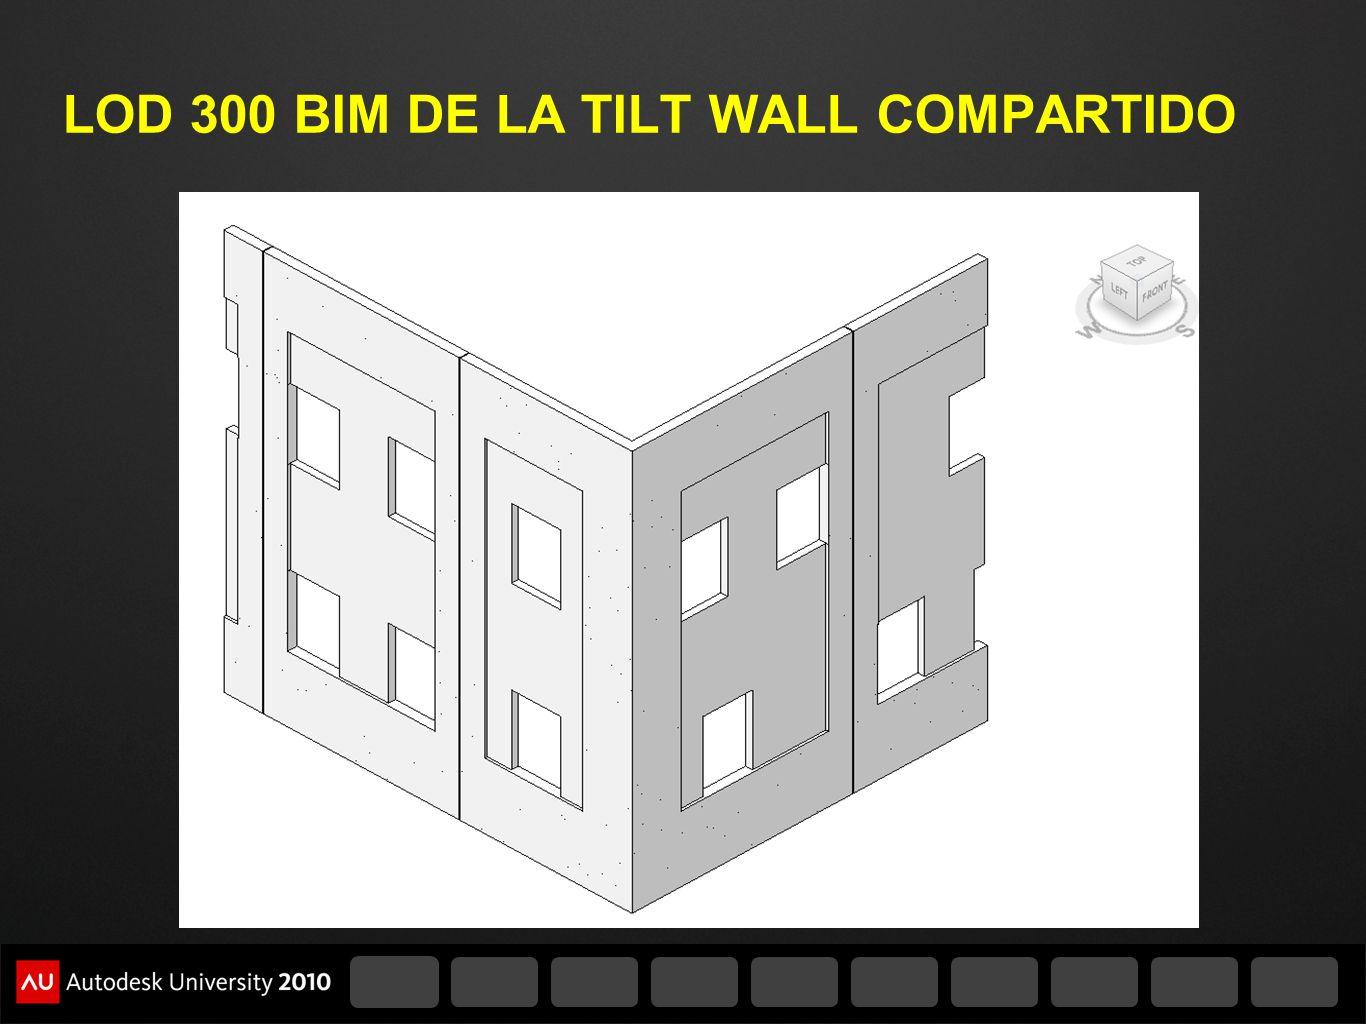 LOD 300 BIM DE LA TILT WALL COMPARTIDO